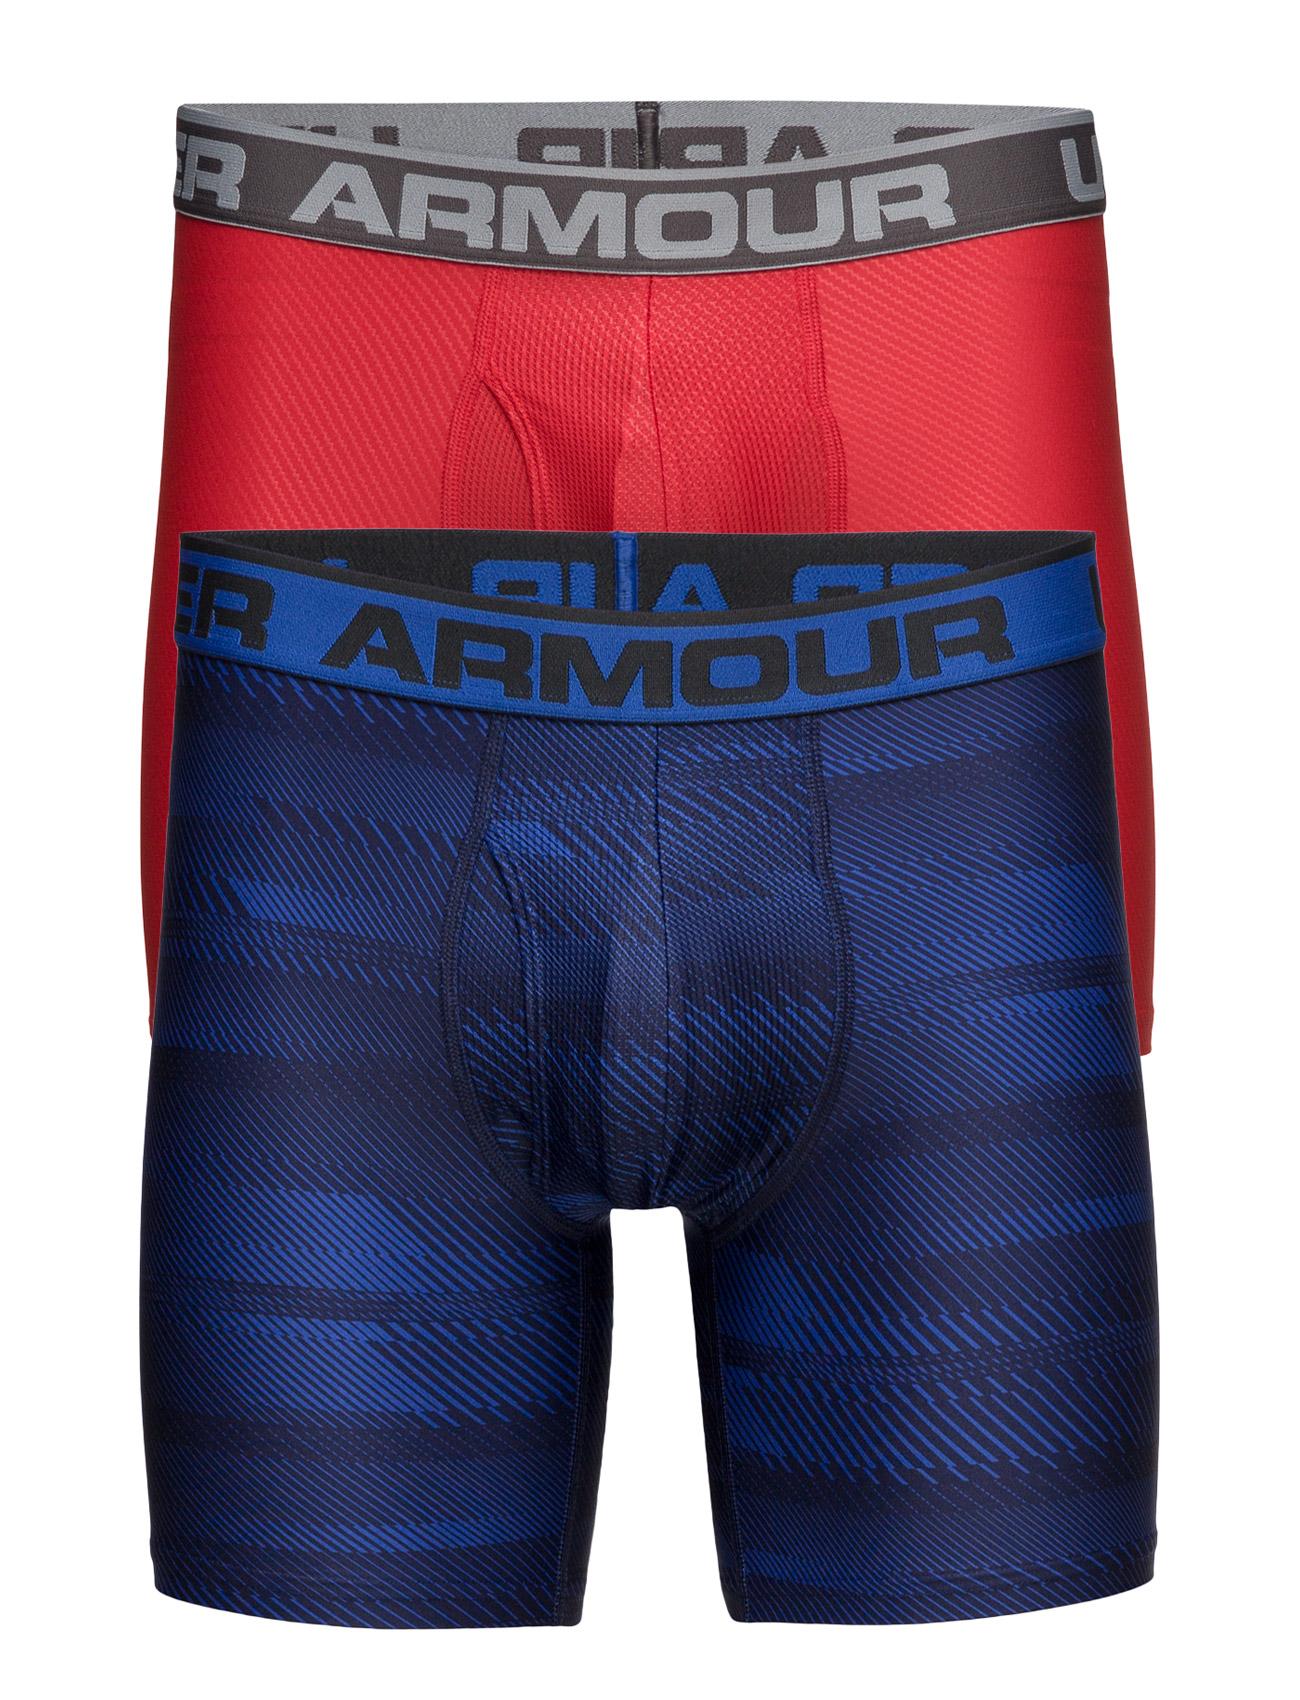 Original 6in 2 Pack Novlty Under Armour Sports undertøj til Herrer i Royal